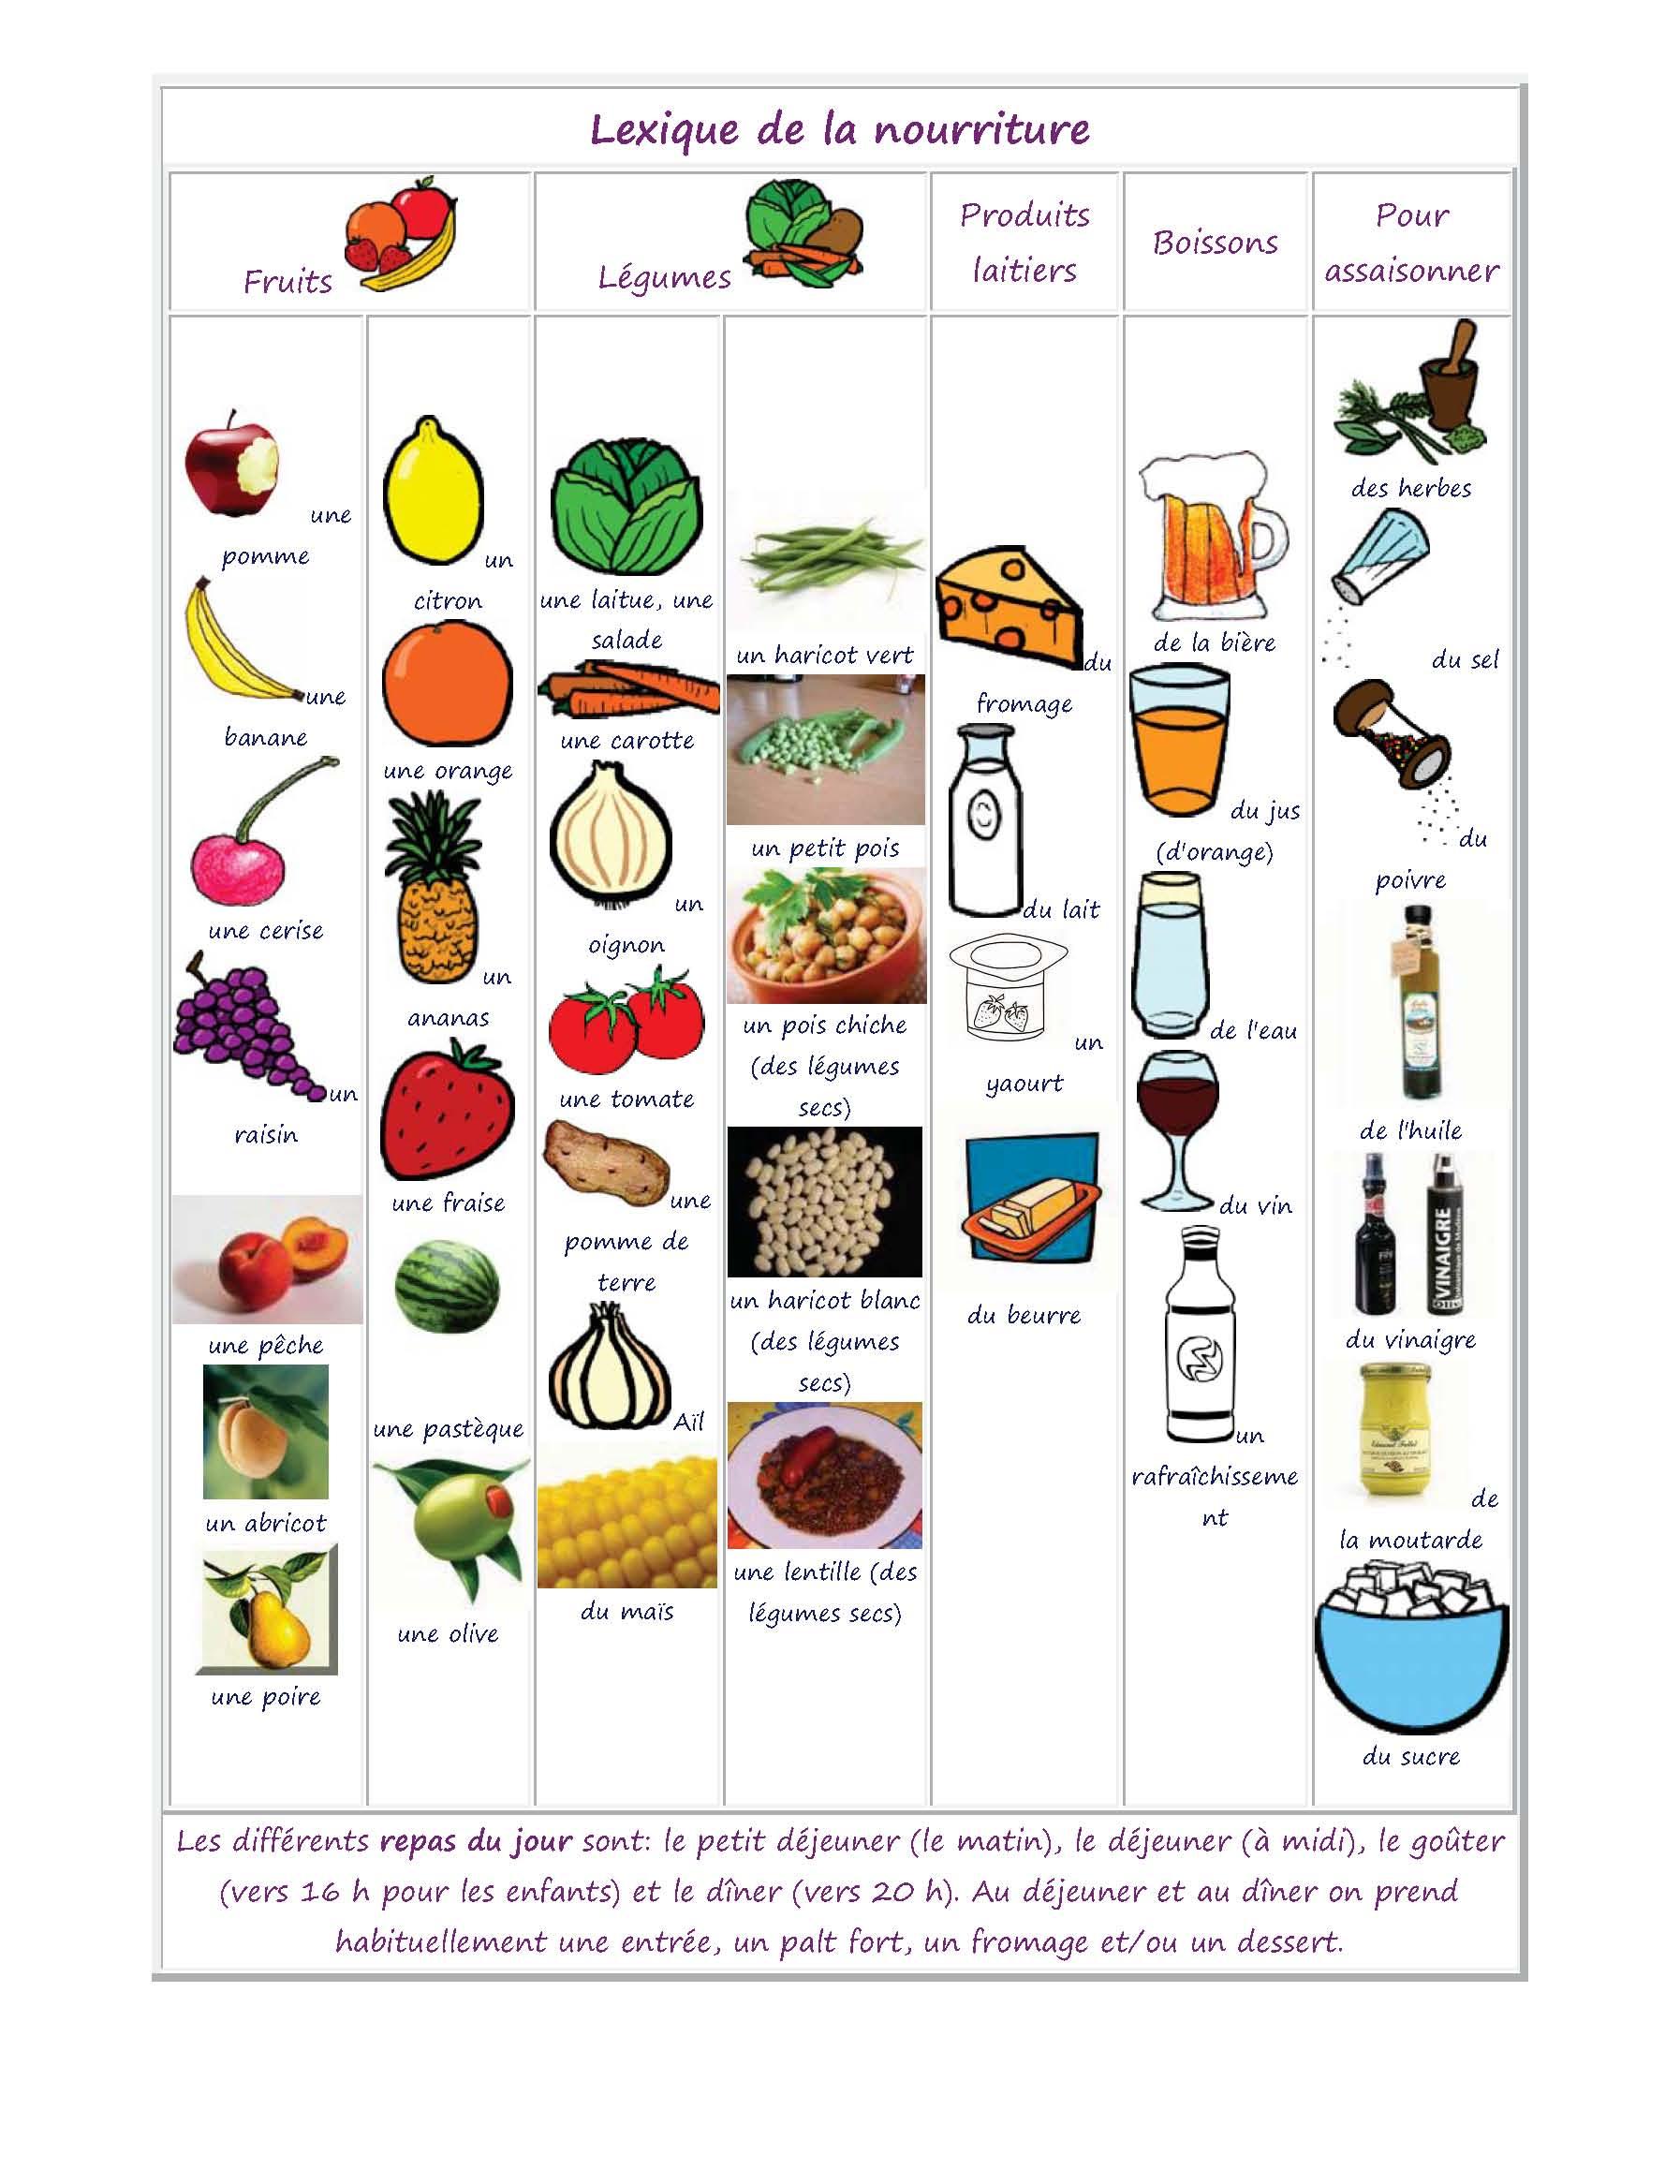 Vocabulaire Des Aliments De La Nourriture Et De La Cuisine French Again Juliette Bour R